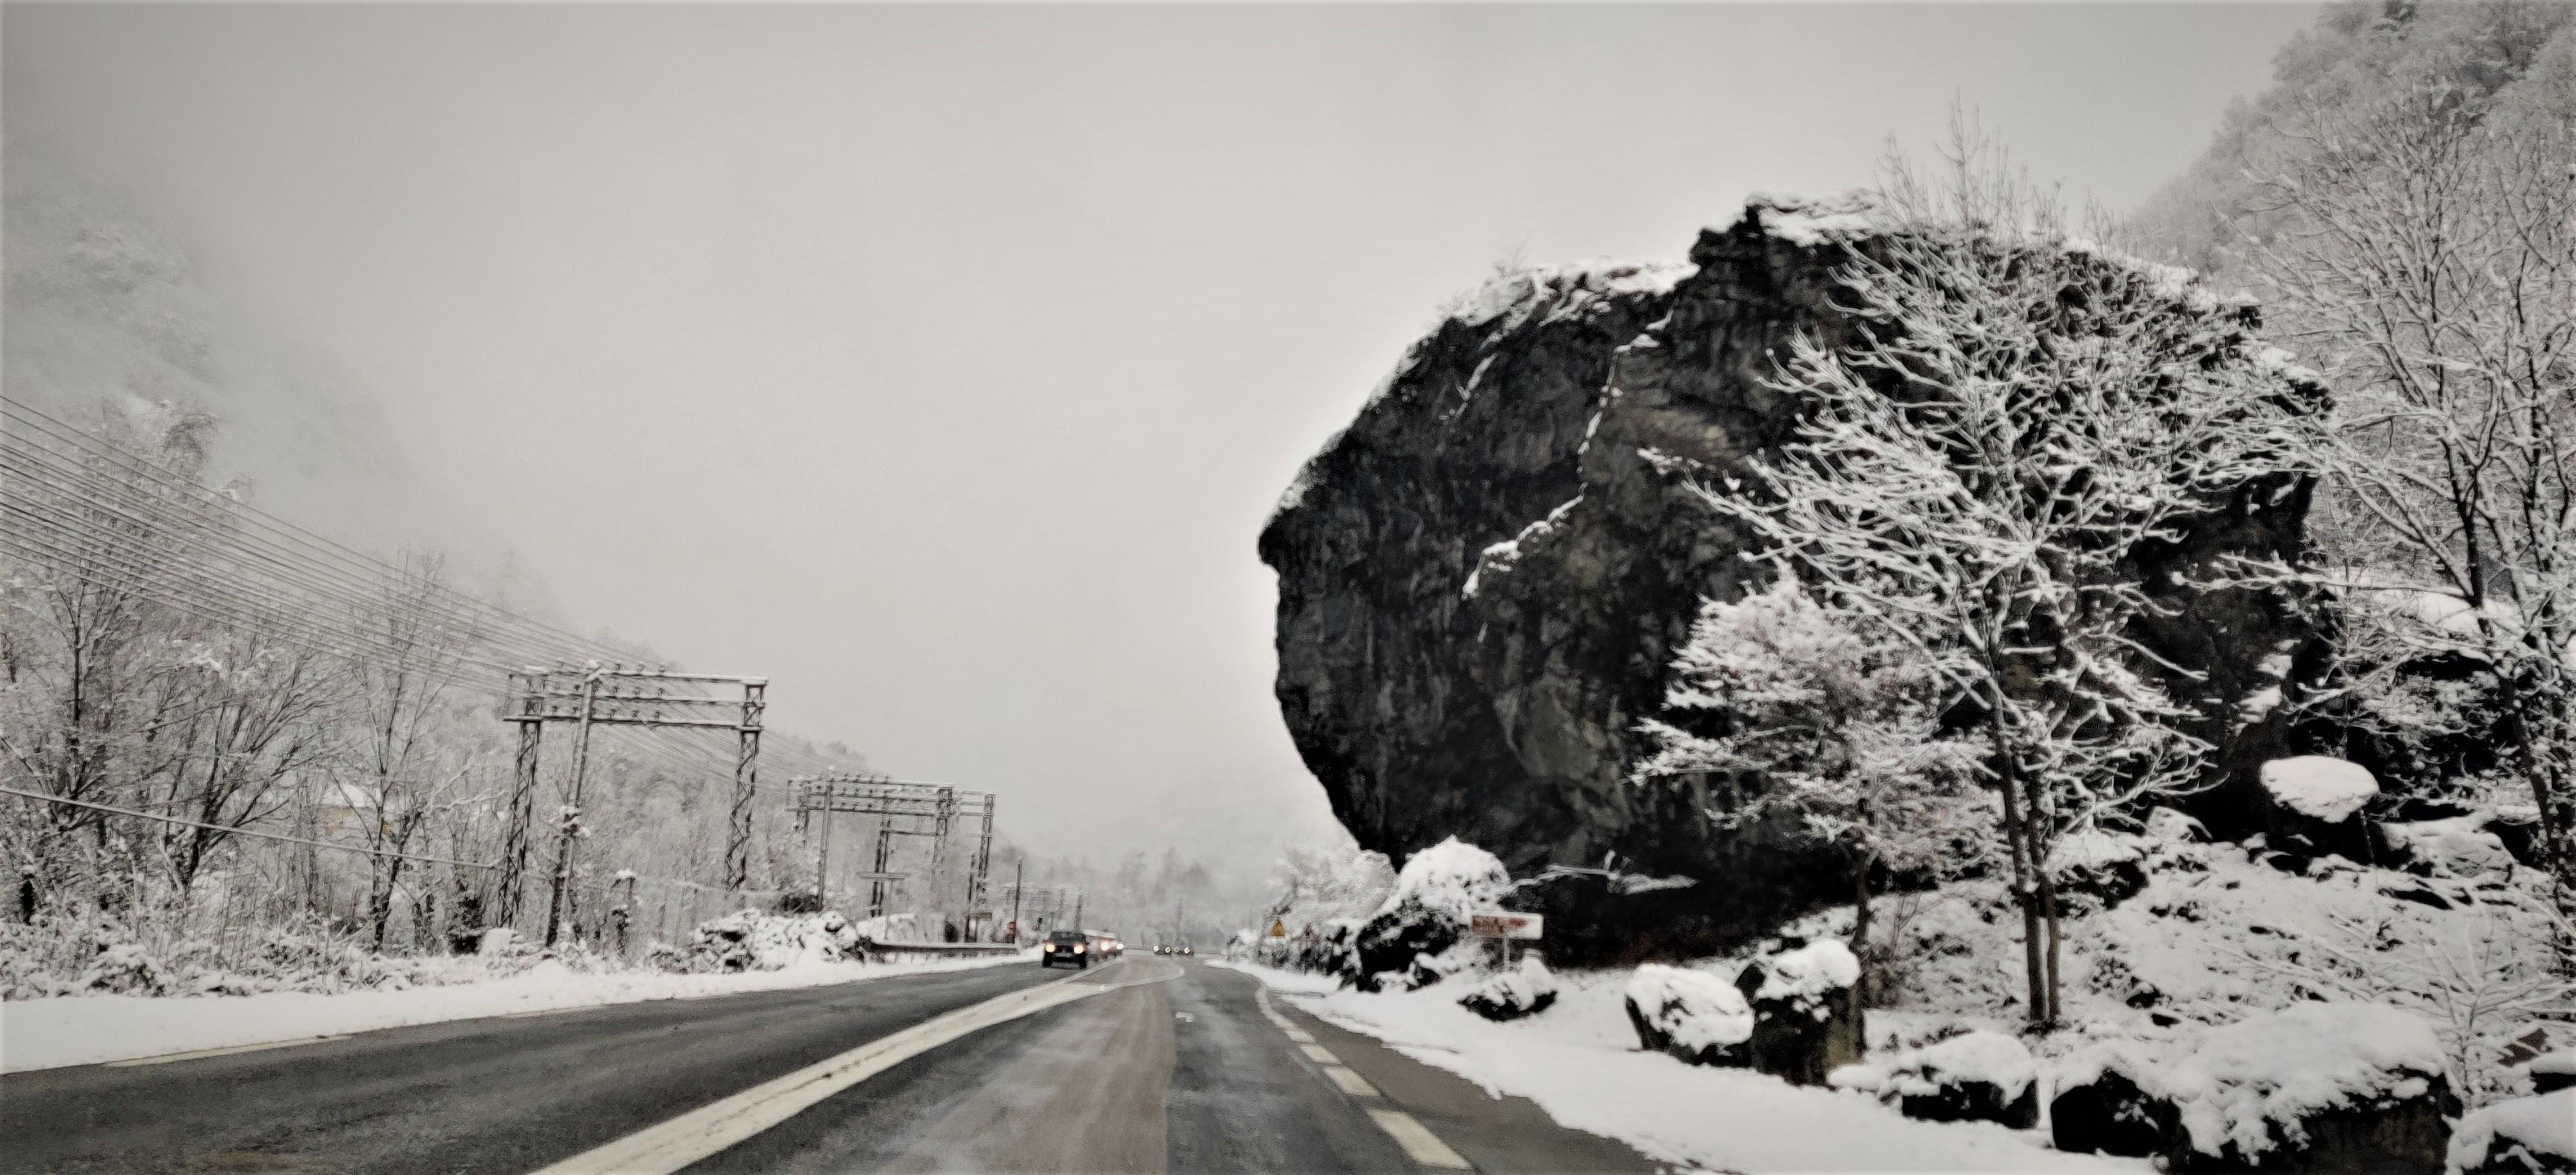 Urbex Frankreich Felsformation, Nasenform, ragt über Straße, Schnee, Winter, Kopf von Louis 16 Sonnenkönig, Industriekultur Oisans Urban Exploration